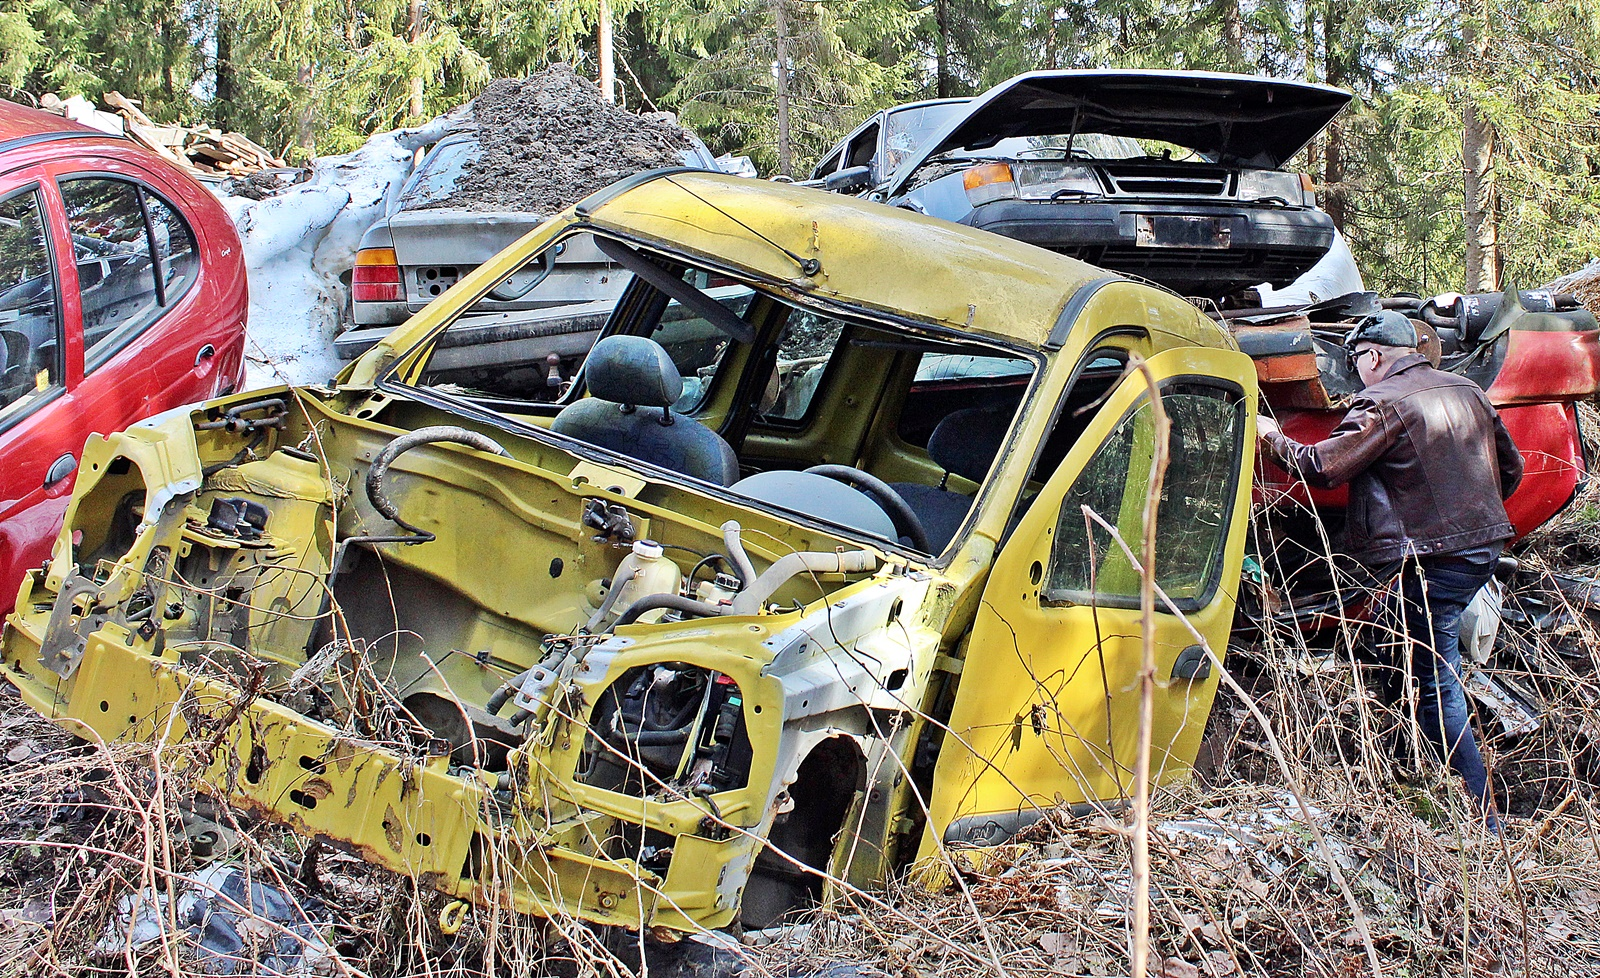 Seitsemän autoilun kuolemansyntiä - himo